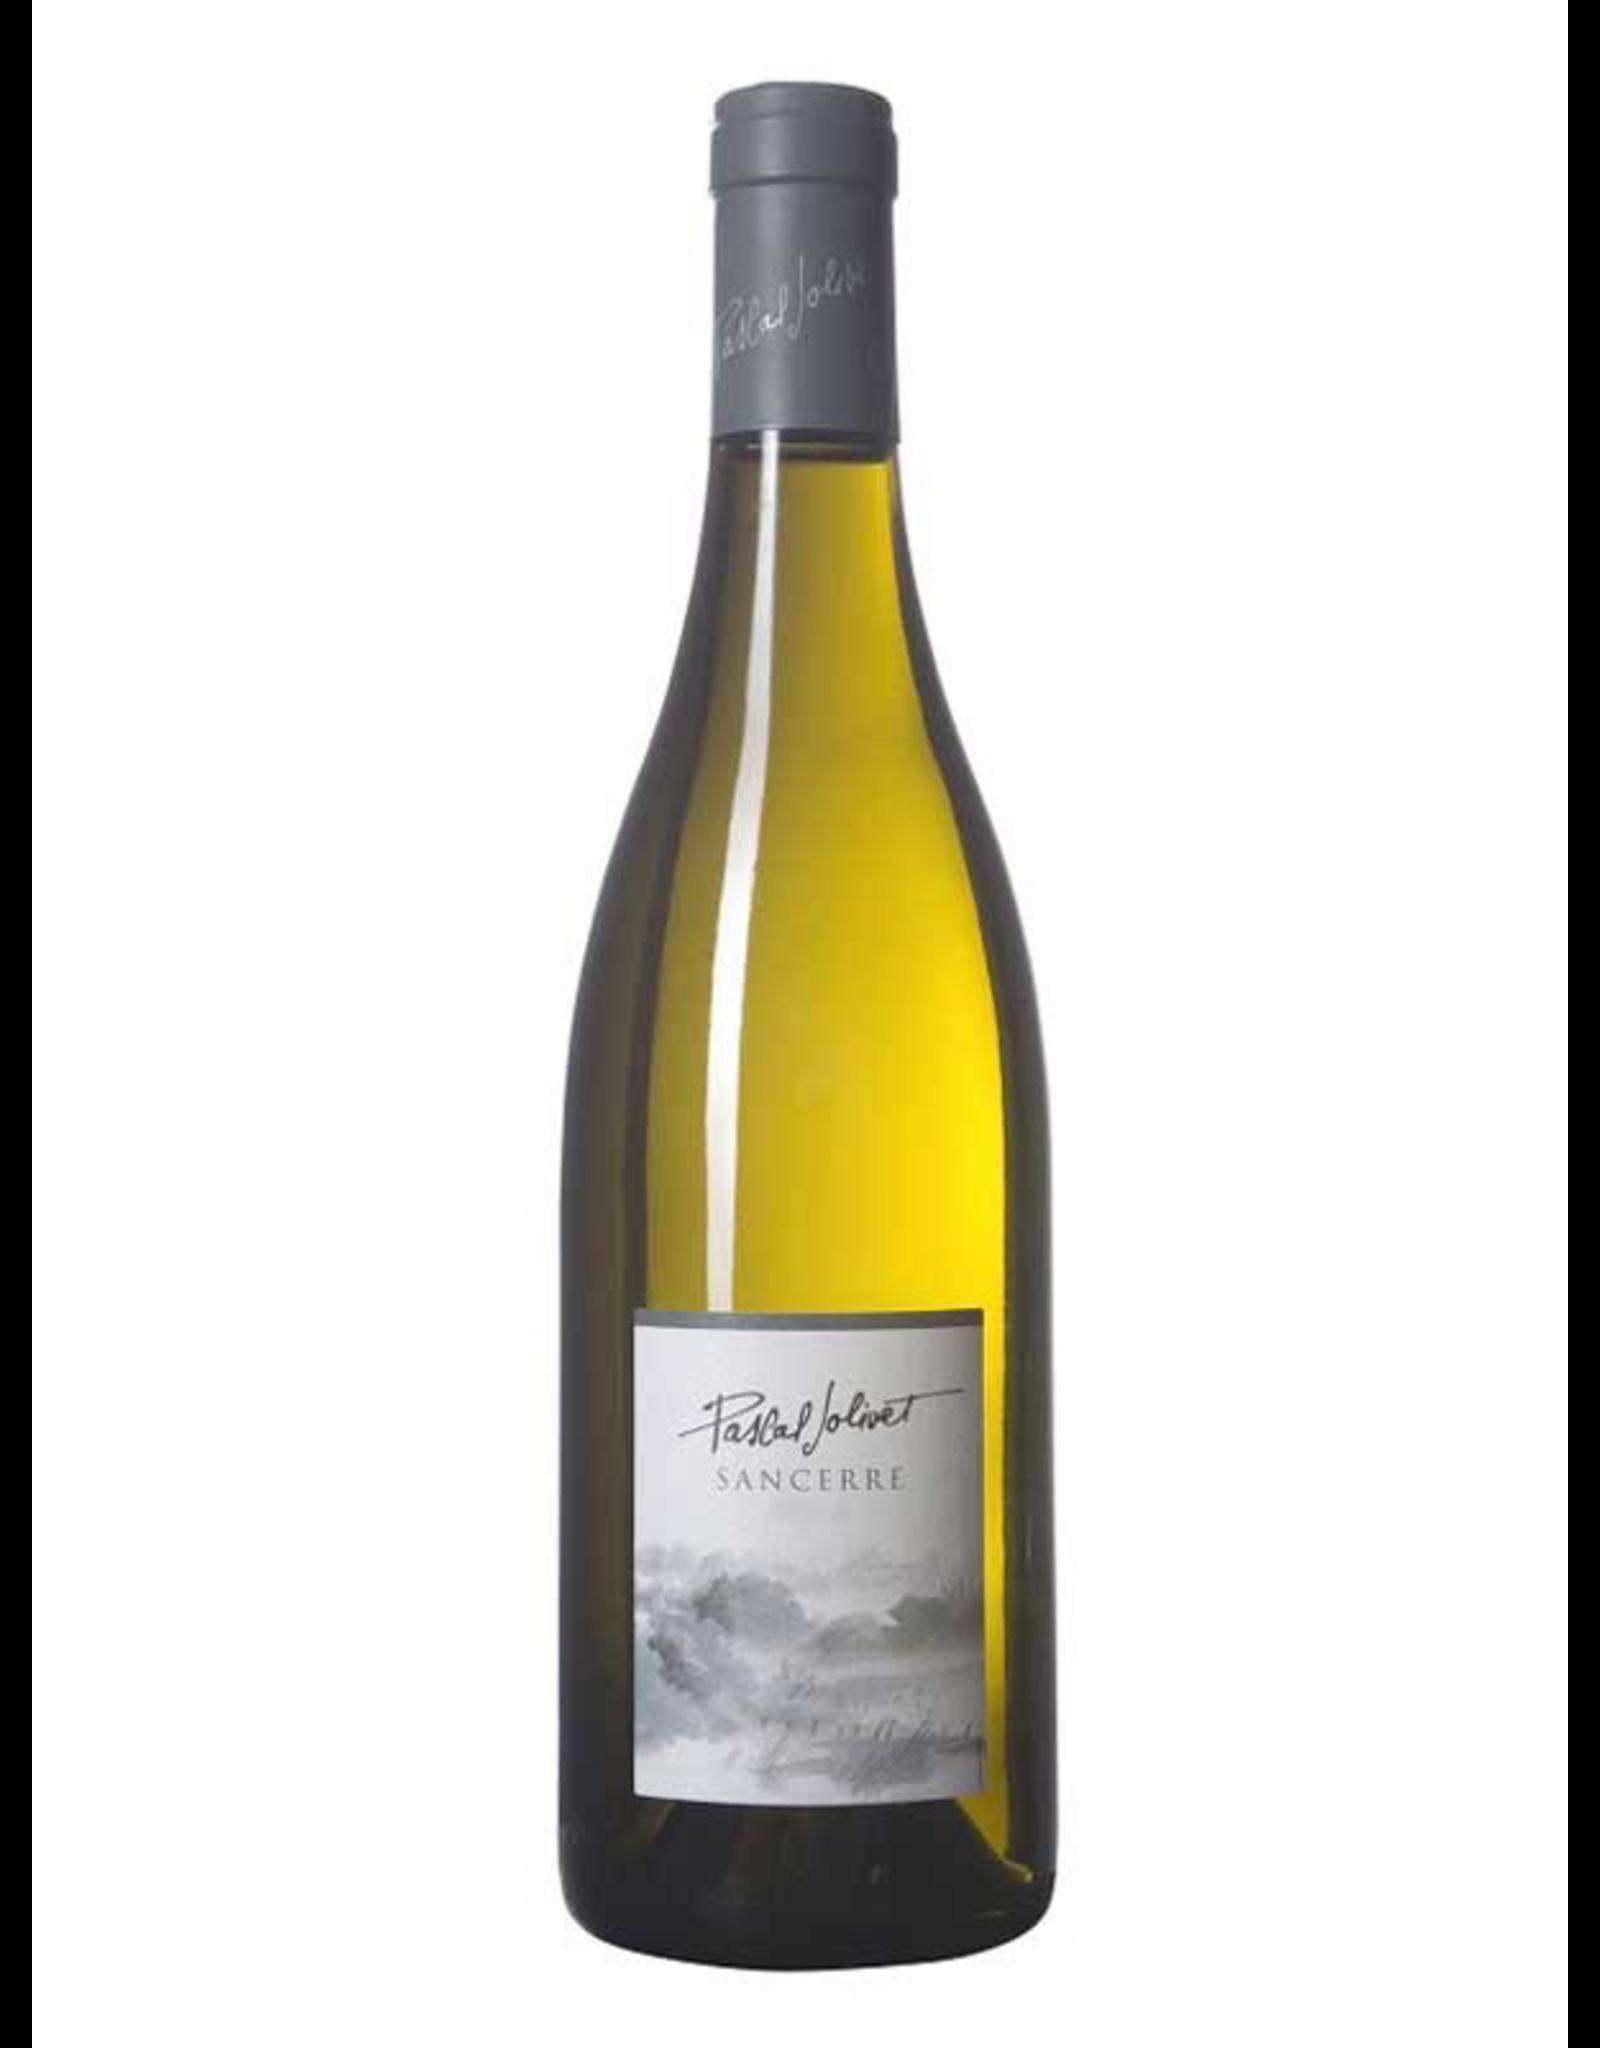 White Wine 2019, Pascal Jolivet, Sancerre, Loire Valley, Loire Valley, France, 13.5% Alc, CTna, TW